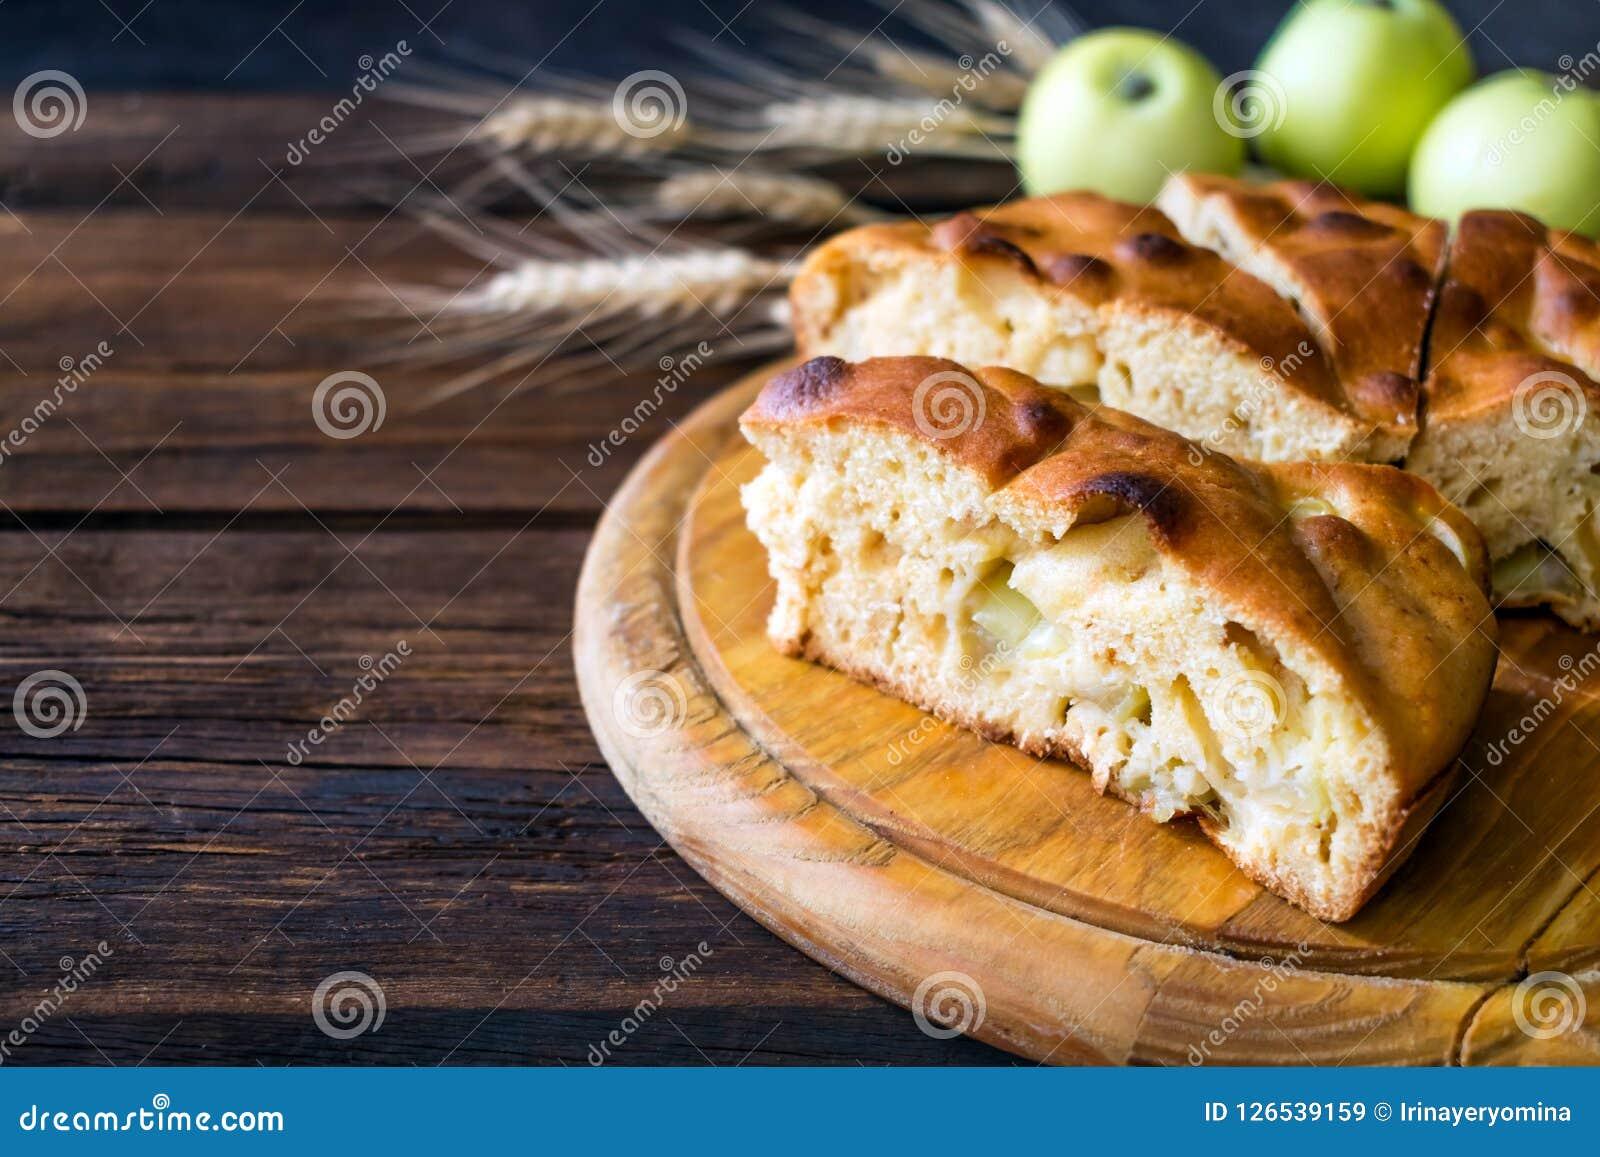 Круглый самодельный яблочный пирог, сапожник, коричневое Бетти, Яблоко Шарлотта на деревянной предпосылке с яблоками